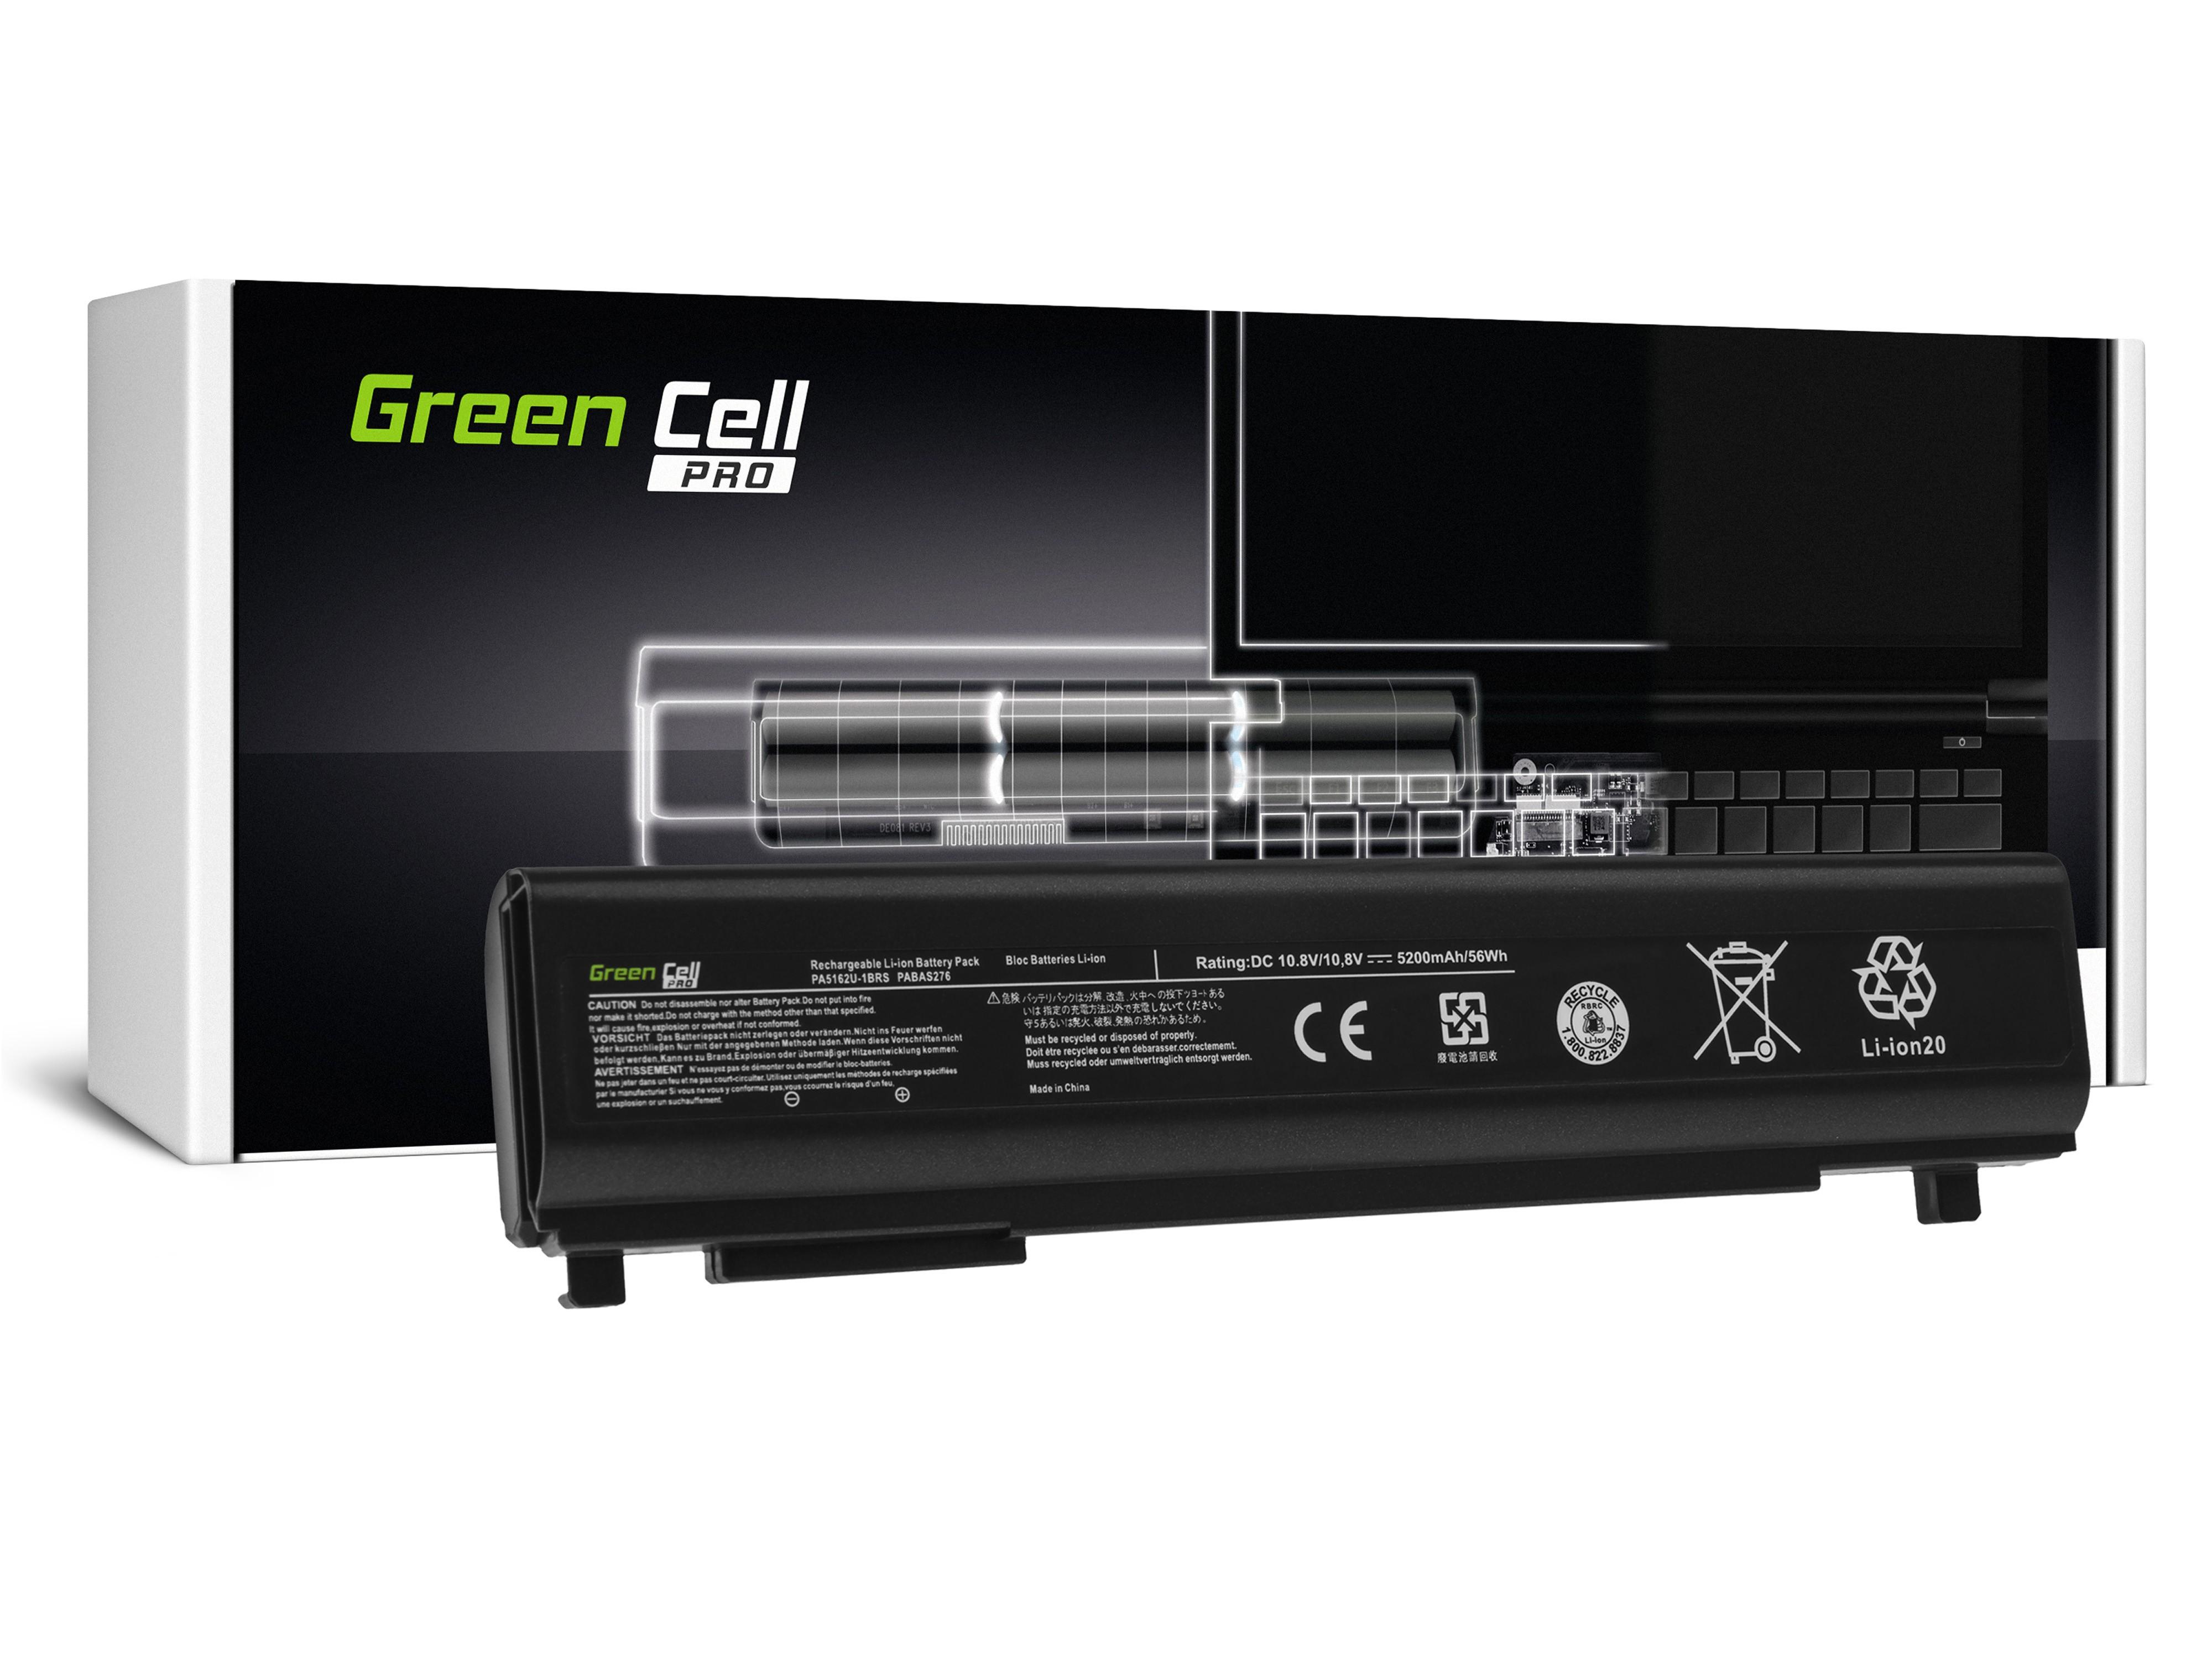 https://www.mondonotebook.it/8902/green-cell-pro-batteria-pa5162u-1brs-per-toshiba-portege-r30-r30-a-r30-a-134-r30-a-14k-r30-a-17k-r30-a-15d-r30-a-1c5.jpg